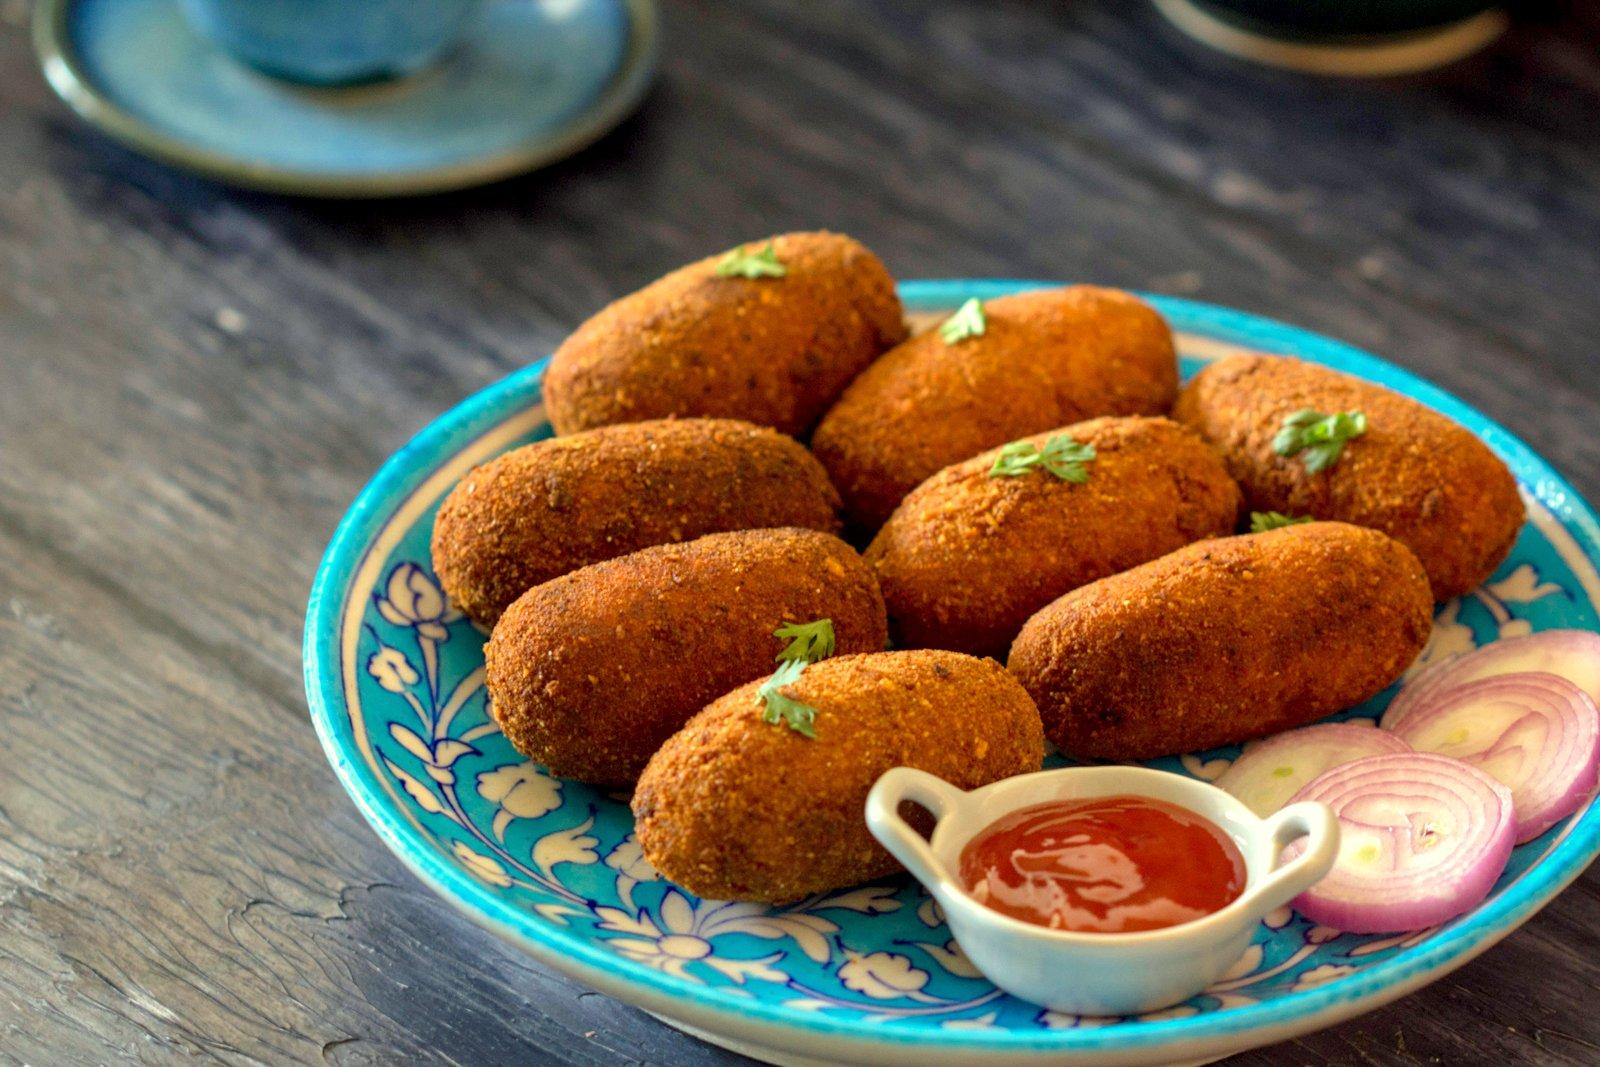 Croquettes Recipe With Bhetki Fish